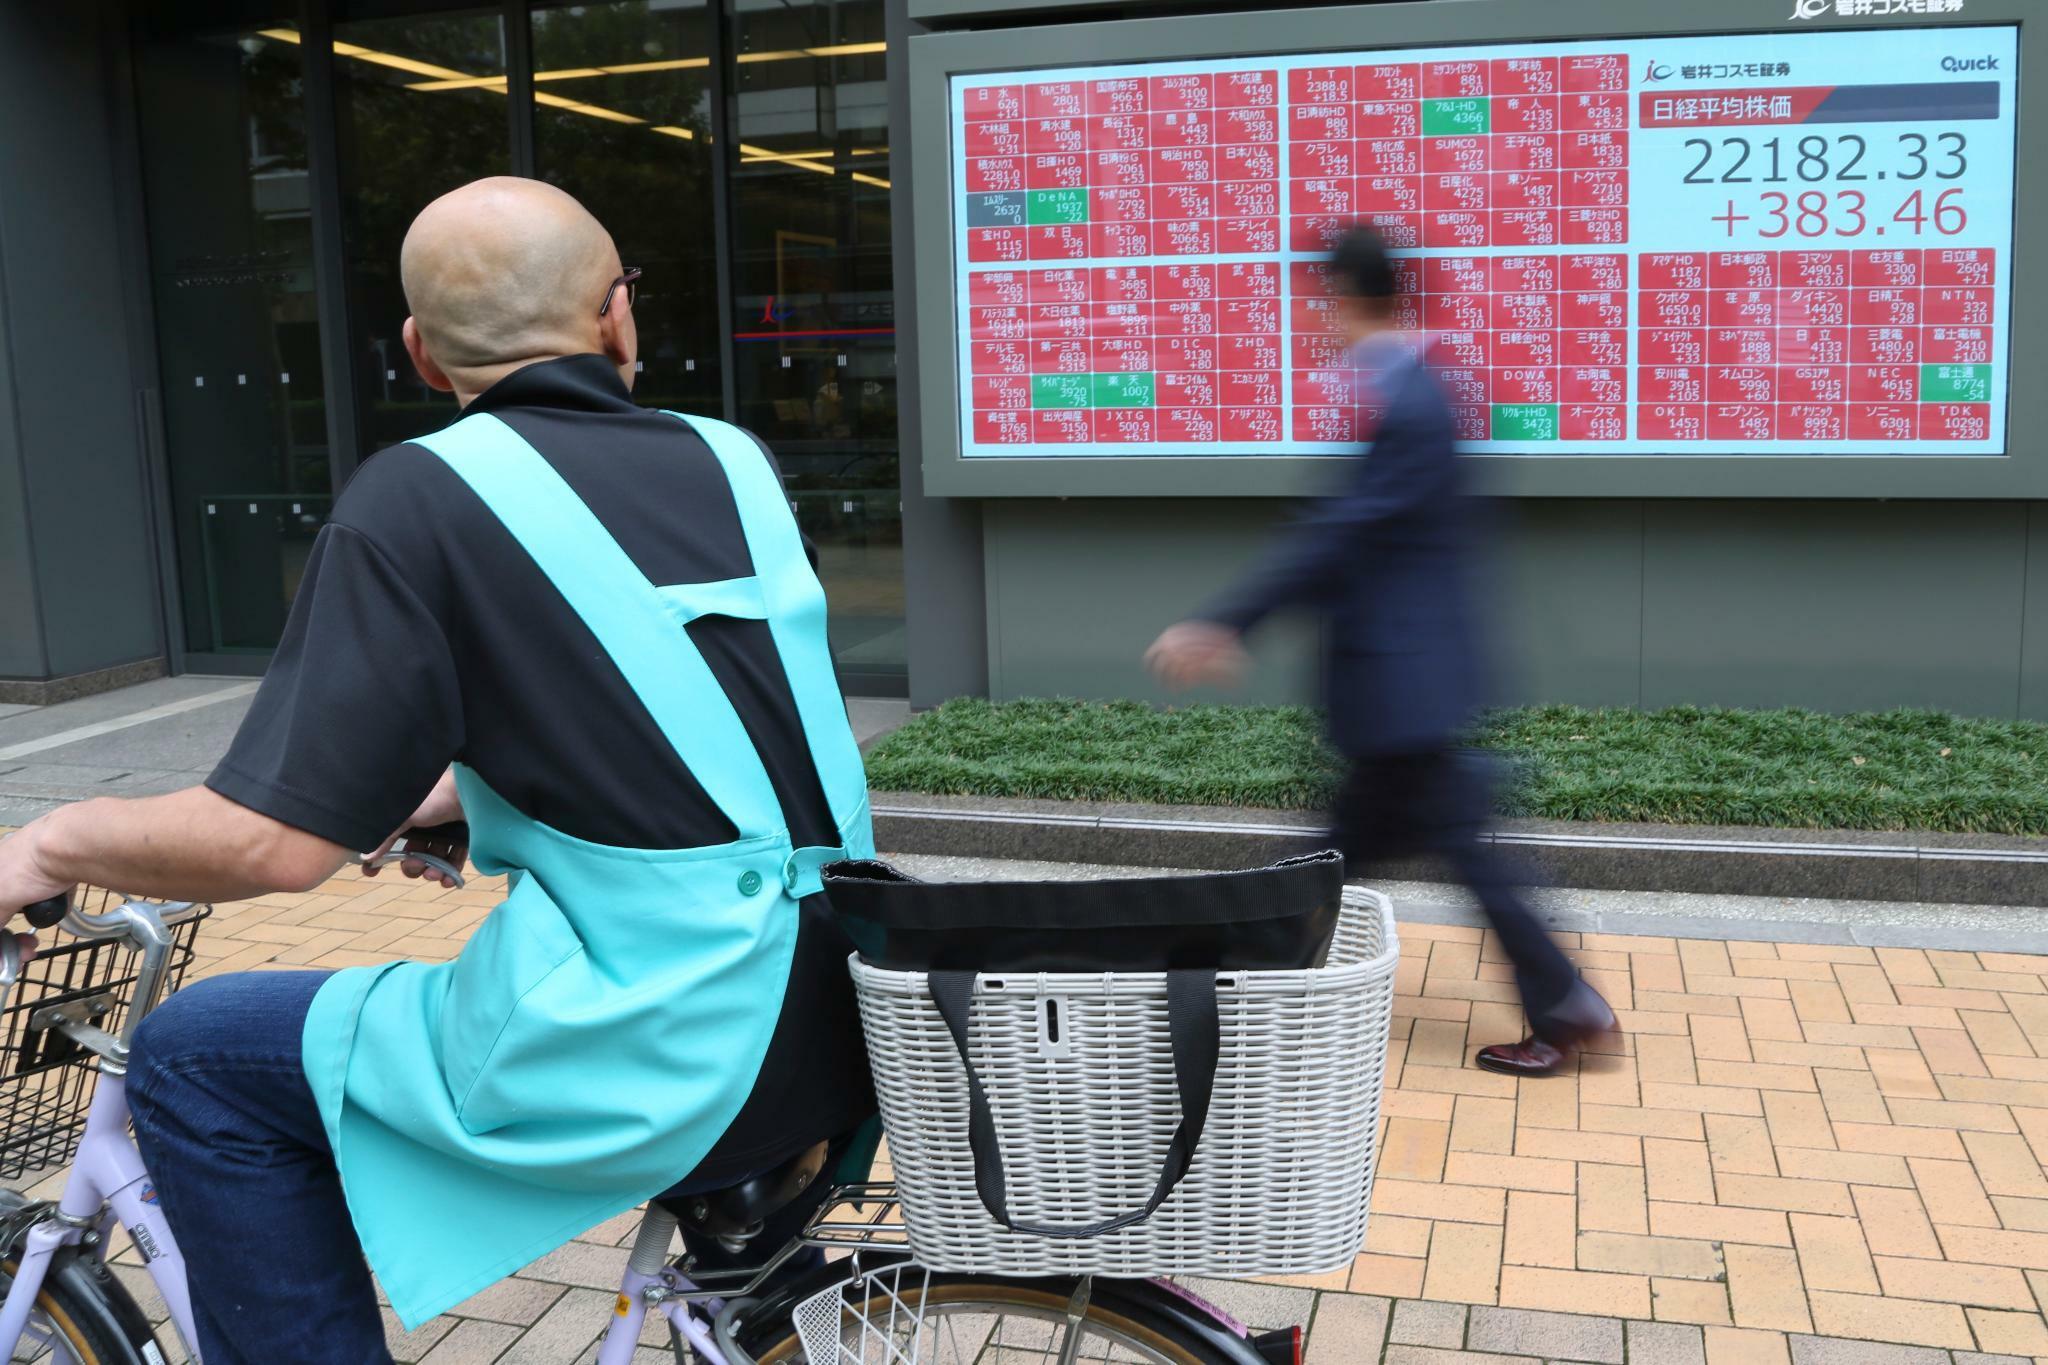 Nikkei, Topix & Co: Asiens Börsen durch positive Signale in Brexit-Verhandlungen im Plus